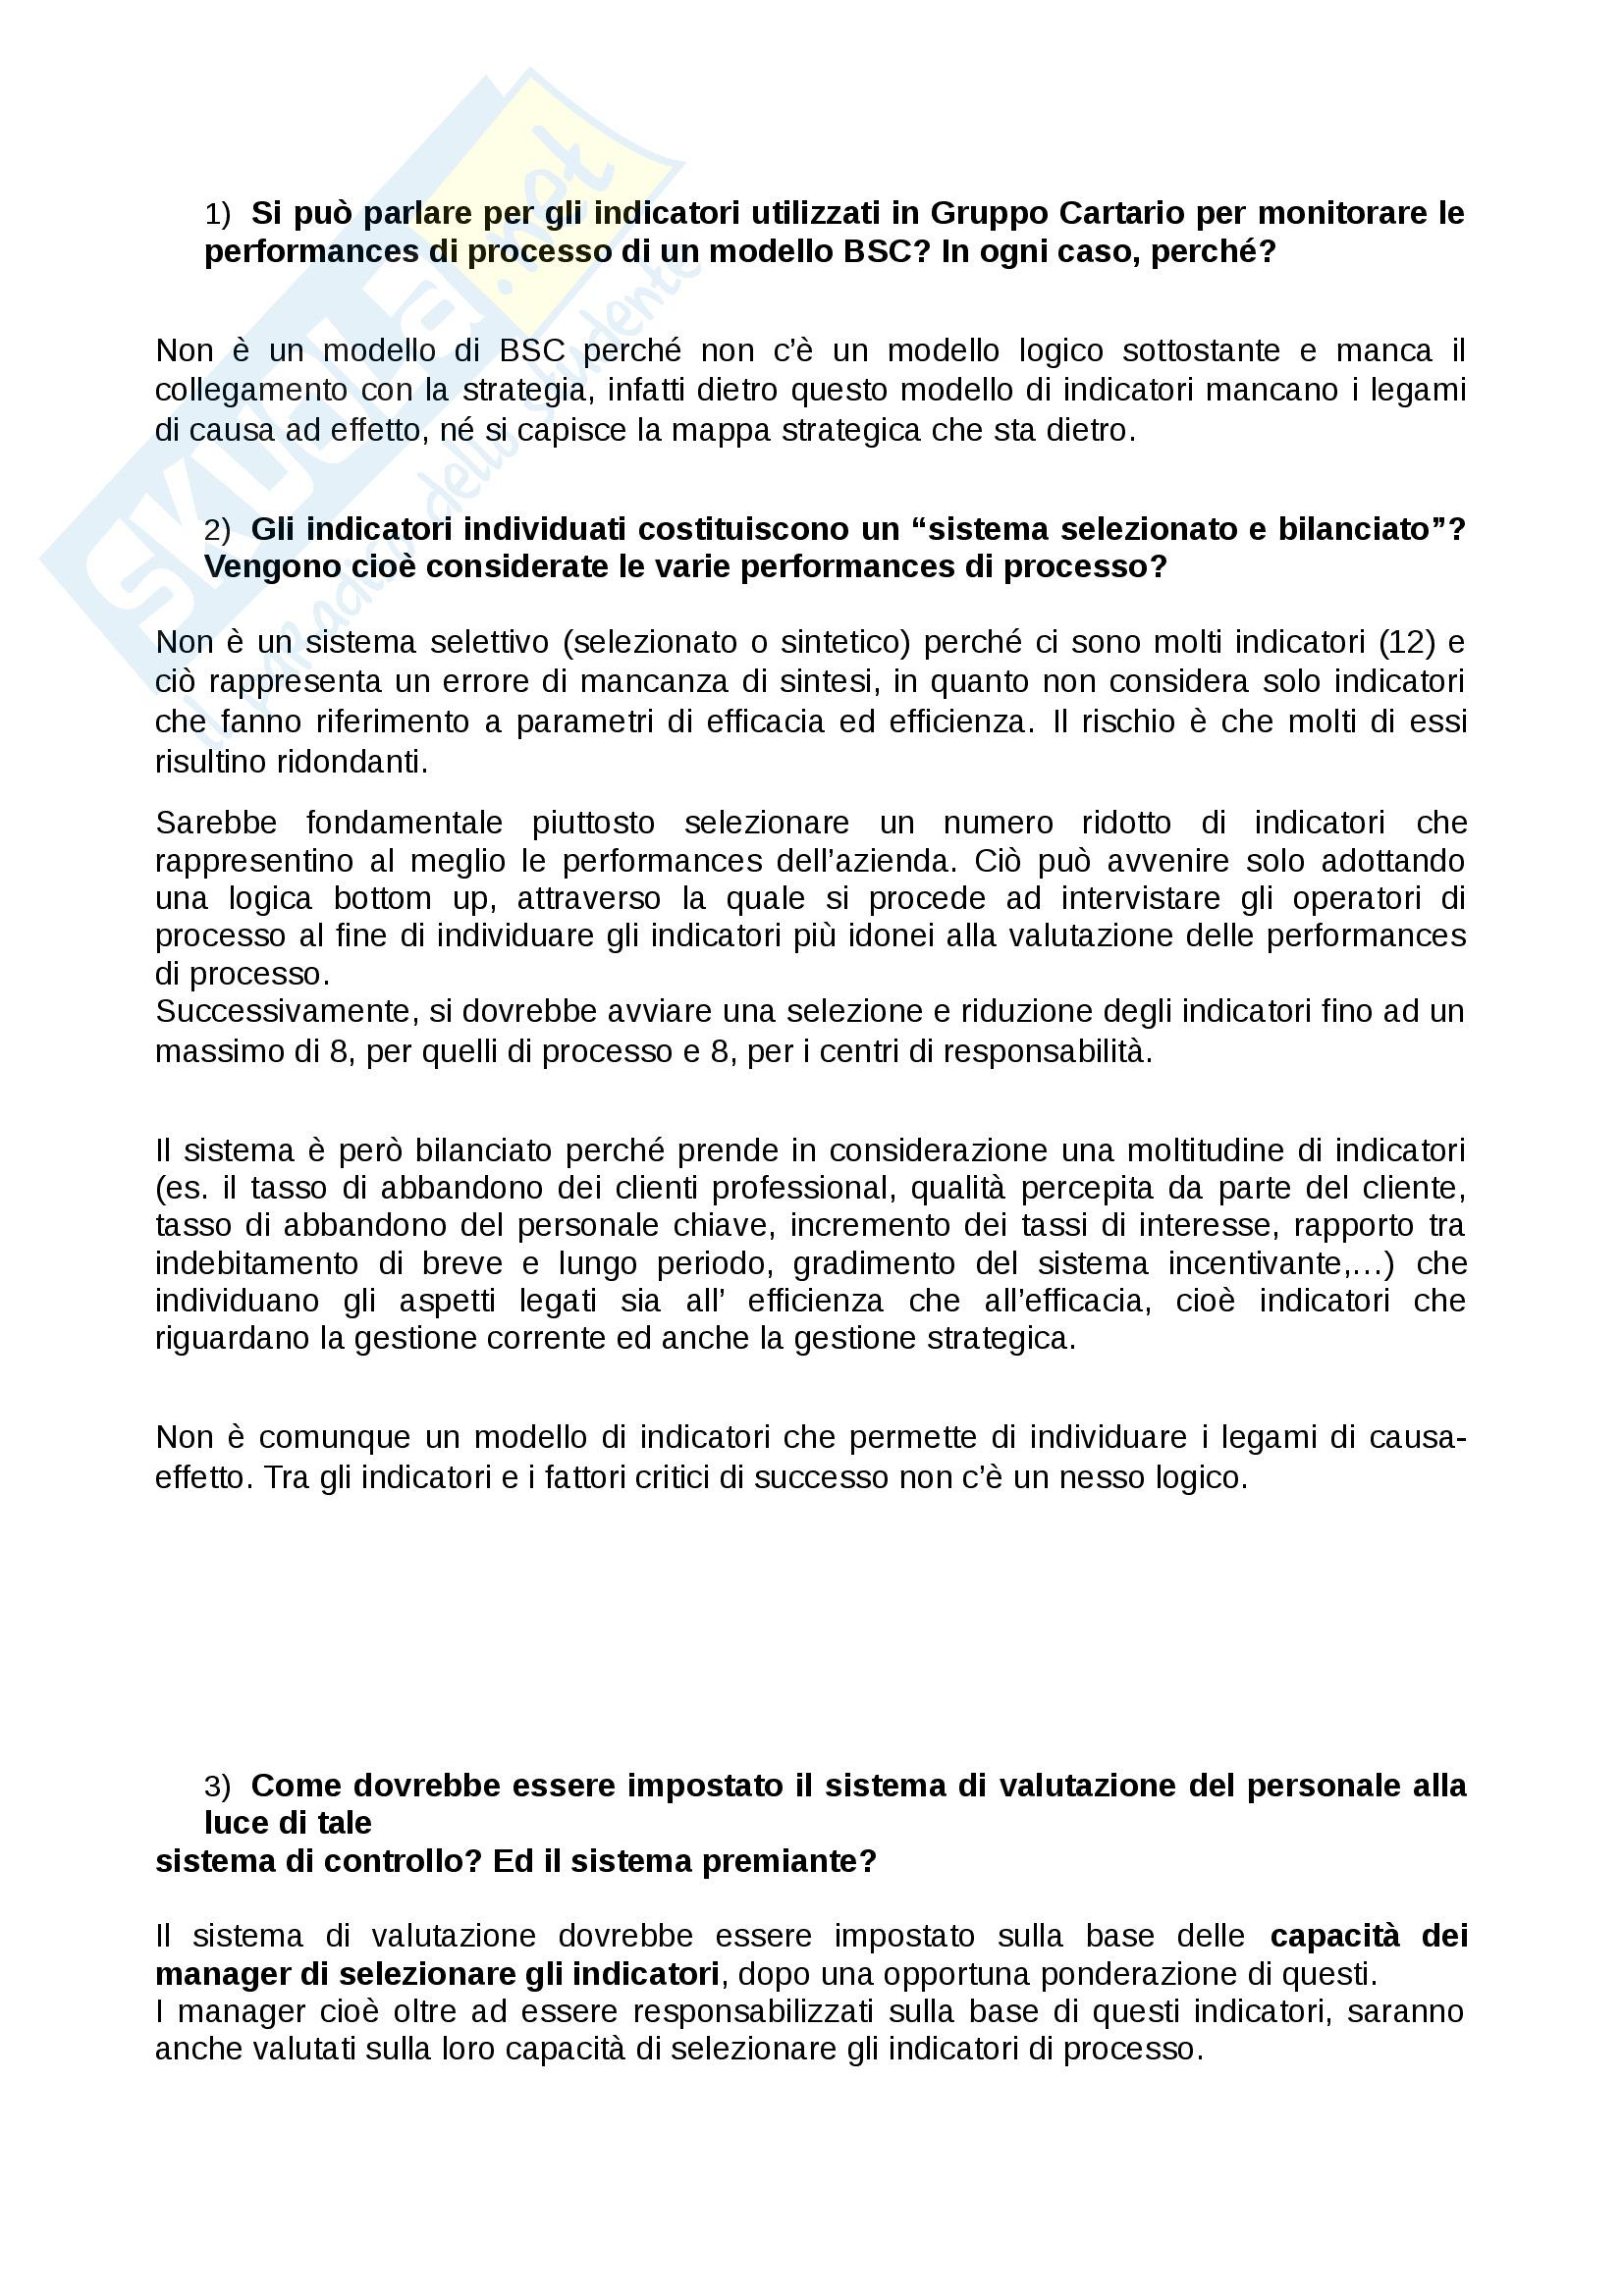 Organizzazione aziendale e gestione dei processi (Casi svolti in aula) Pag. 11